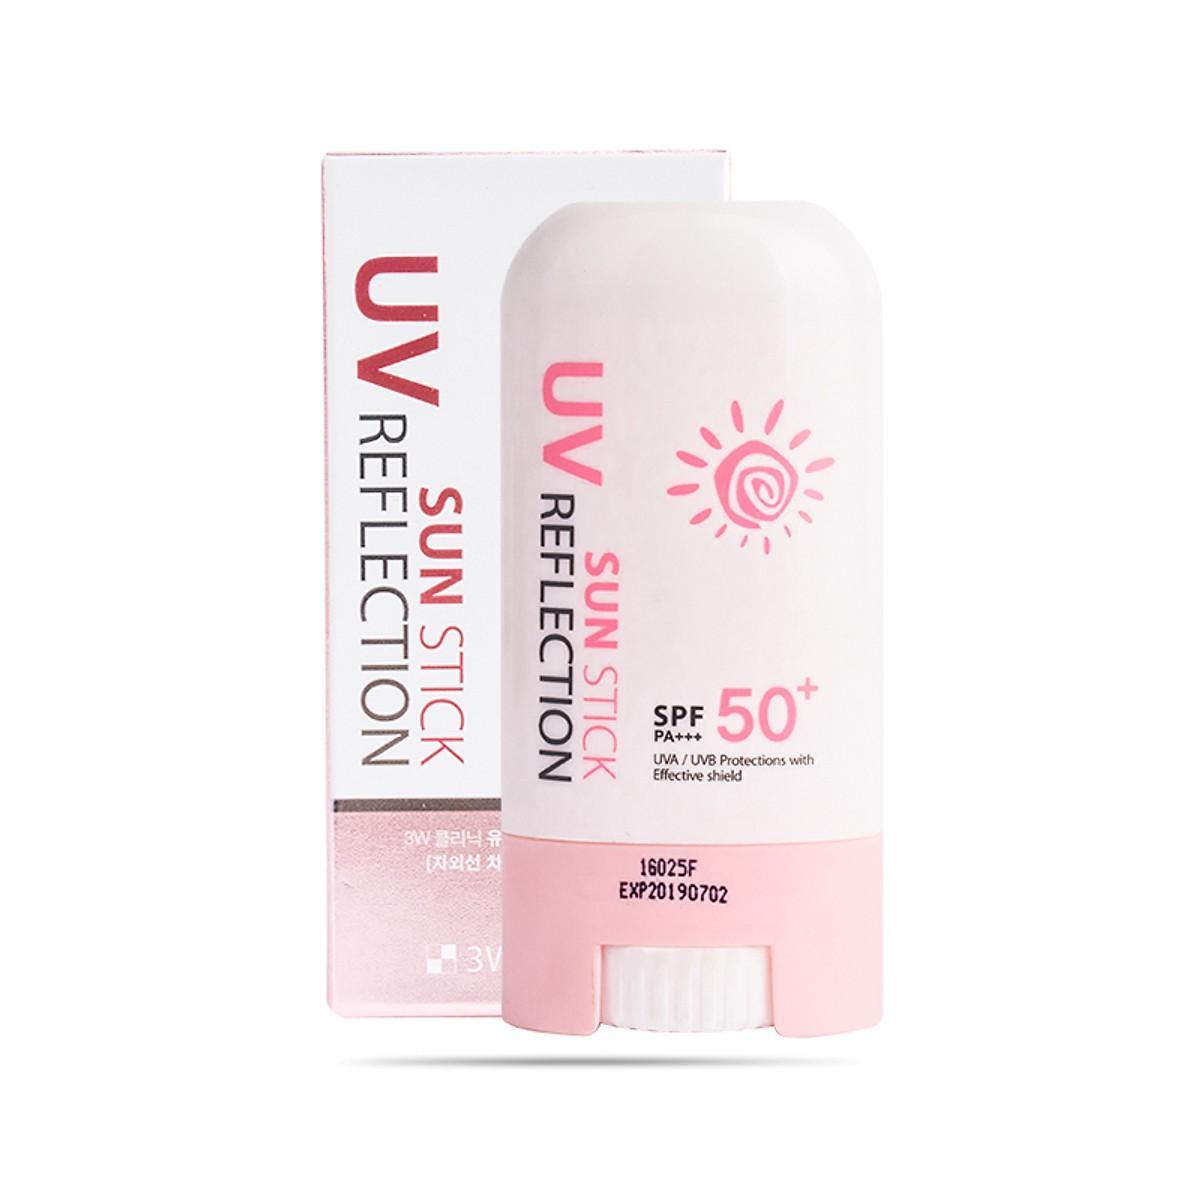 Kem Chống Nắng Dạng Lăn 3W Clinic Sun Stick UV Reflection SPF50 PA+++